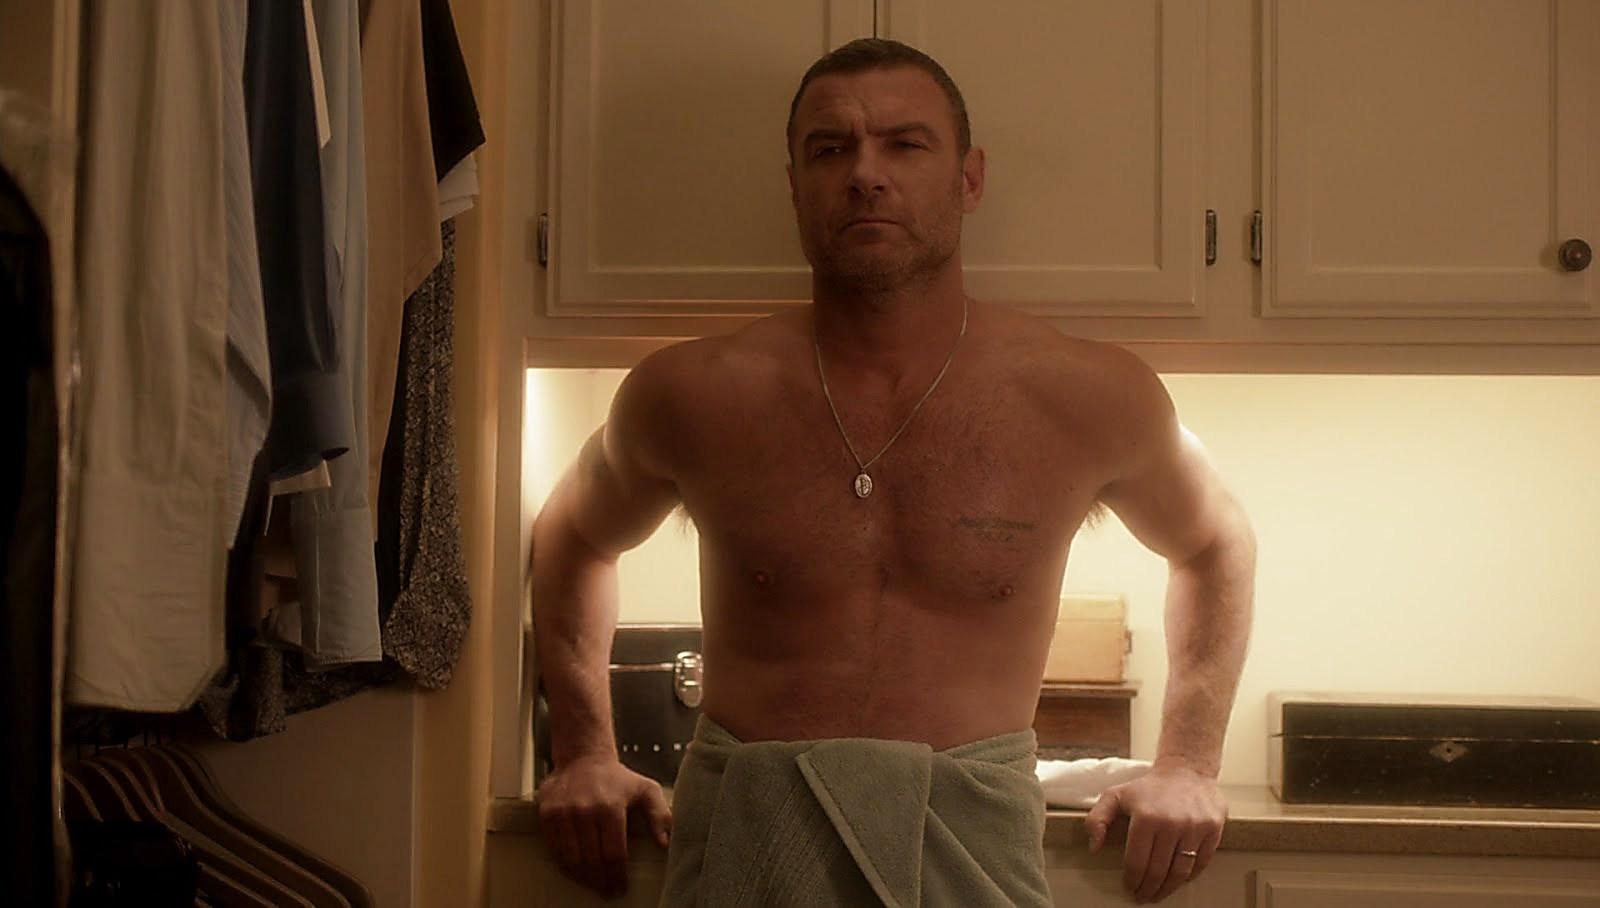 Liev Schreiber sexy shirtless scene August 14, 2017, 12pm